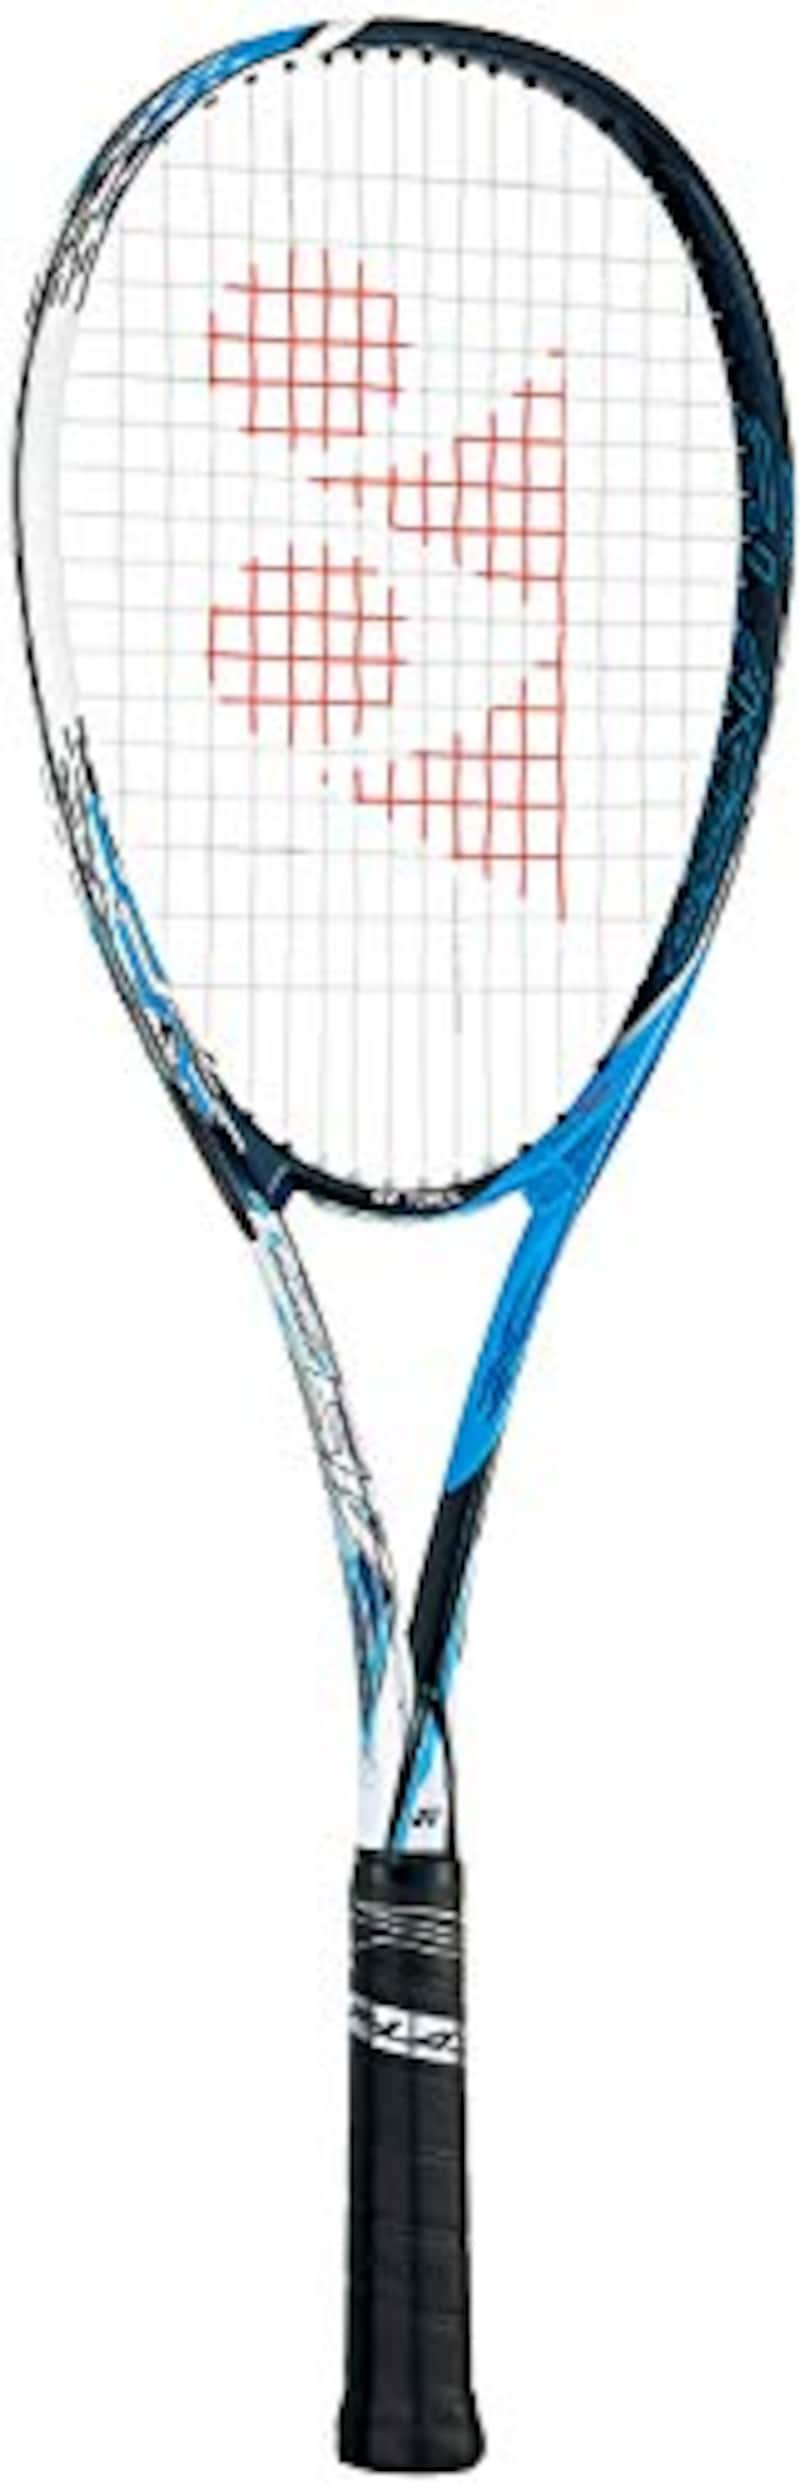 ヨネックス(YONEX),軟式テニス ラケット エフレーザー5V,FLR5V